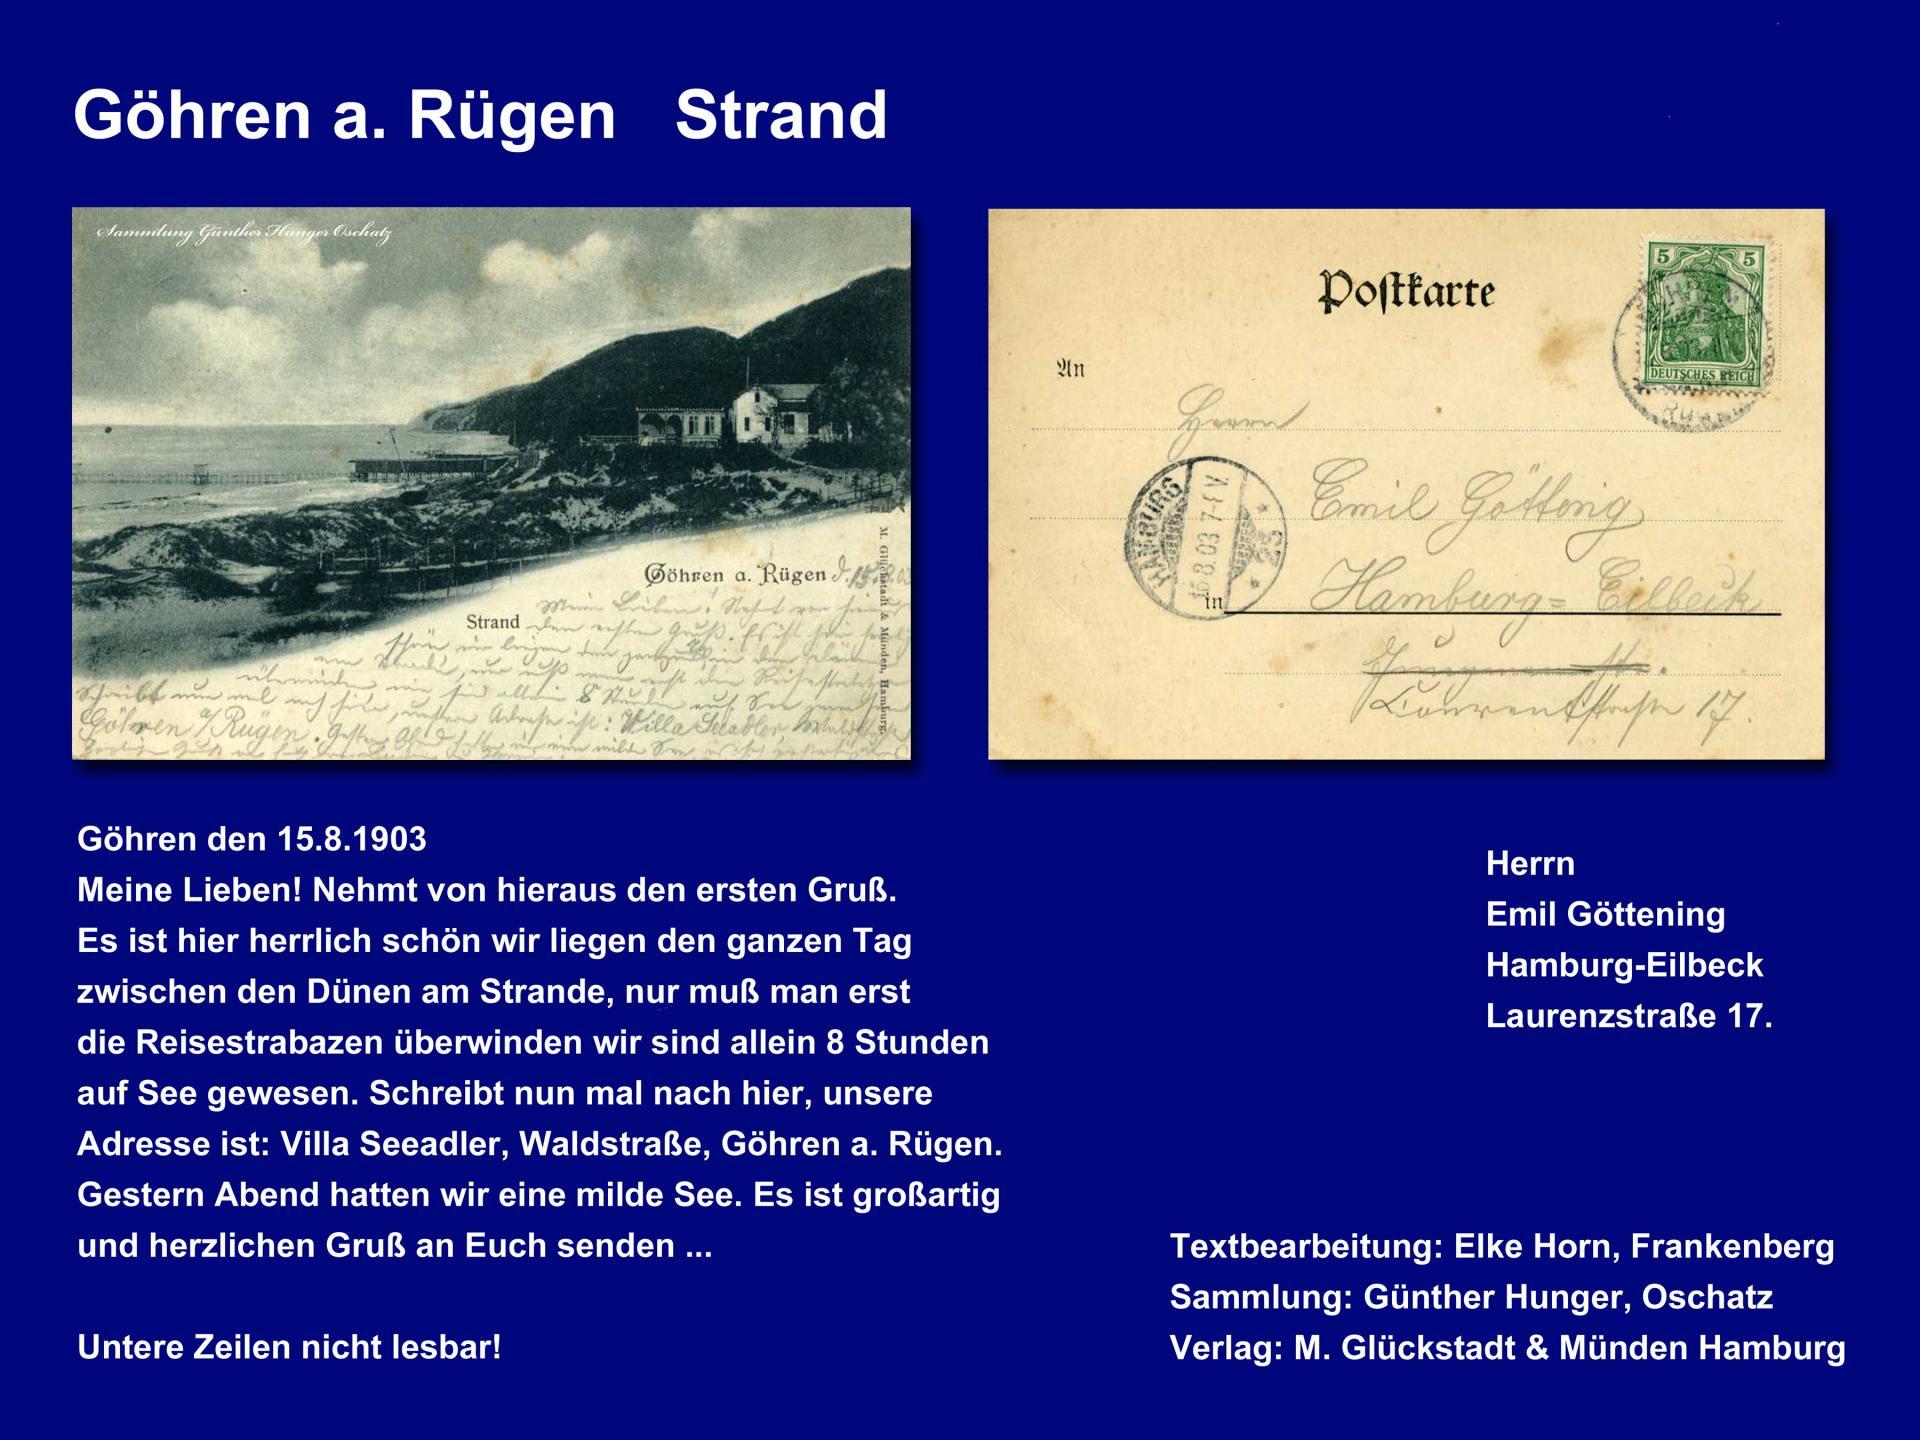 Göhren a Rügen   Strand